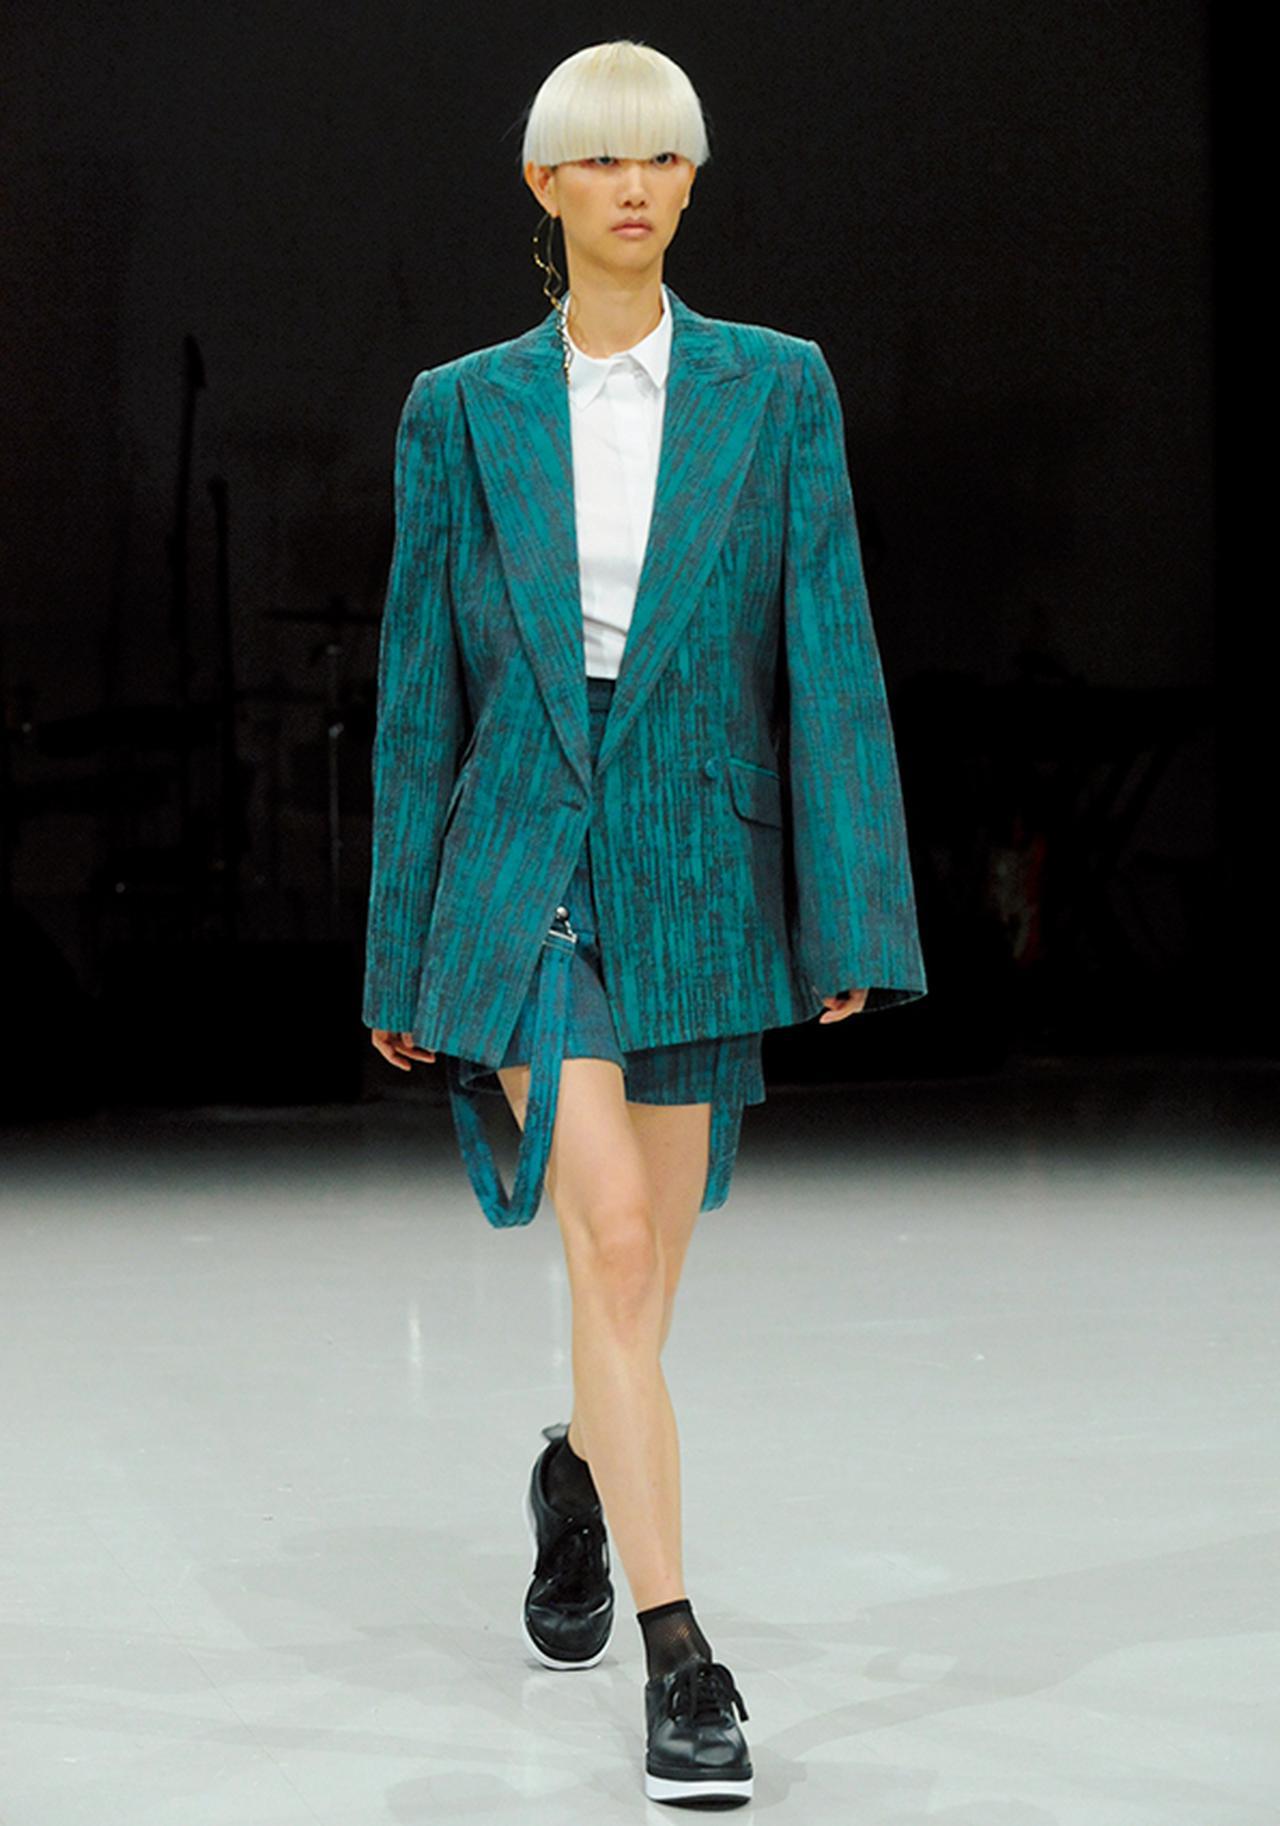 Images : 2番目の画像 - 「栗野宏文が考察する ファッションがアフリカに見る 未来の可能性」のアルバム - T JAPAN:The New York Times Style Magazine 公式サイト